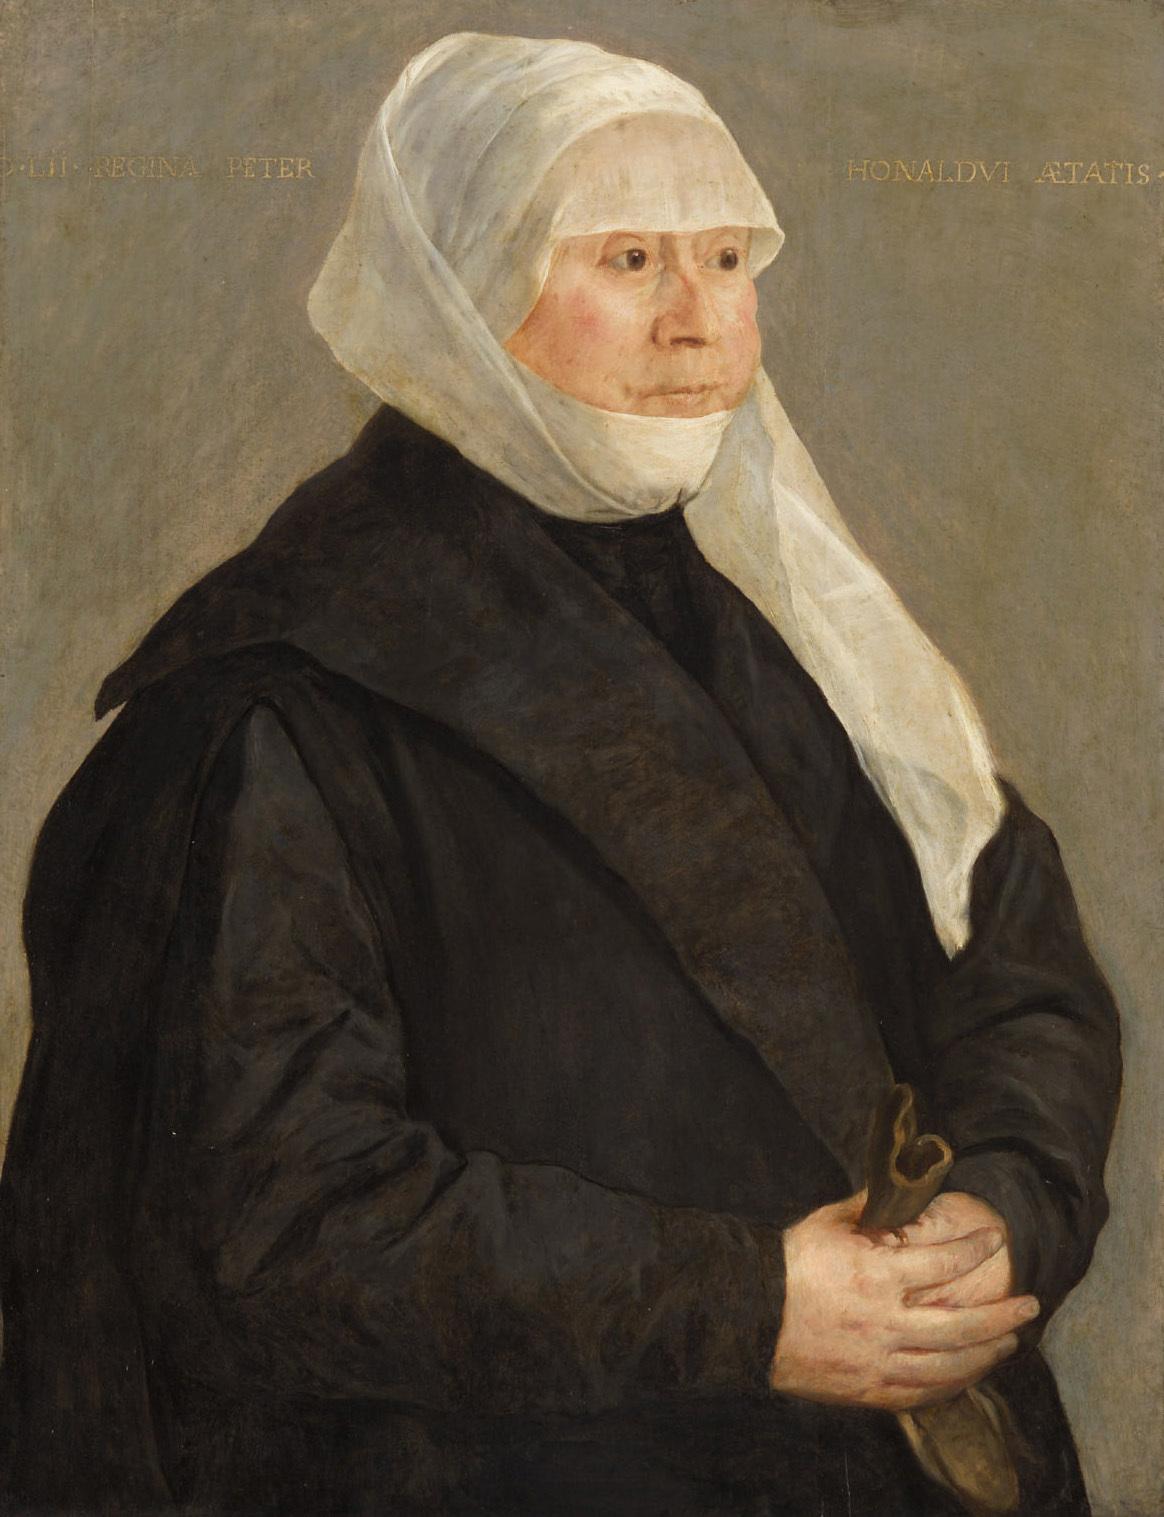 Regina von Stetten (1499-1562), Gemahlin des Peter Honold von Süddeutsch